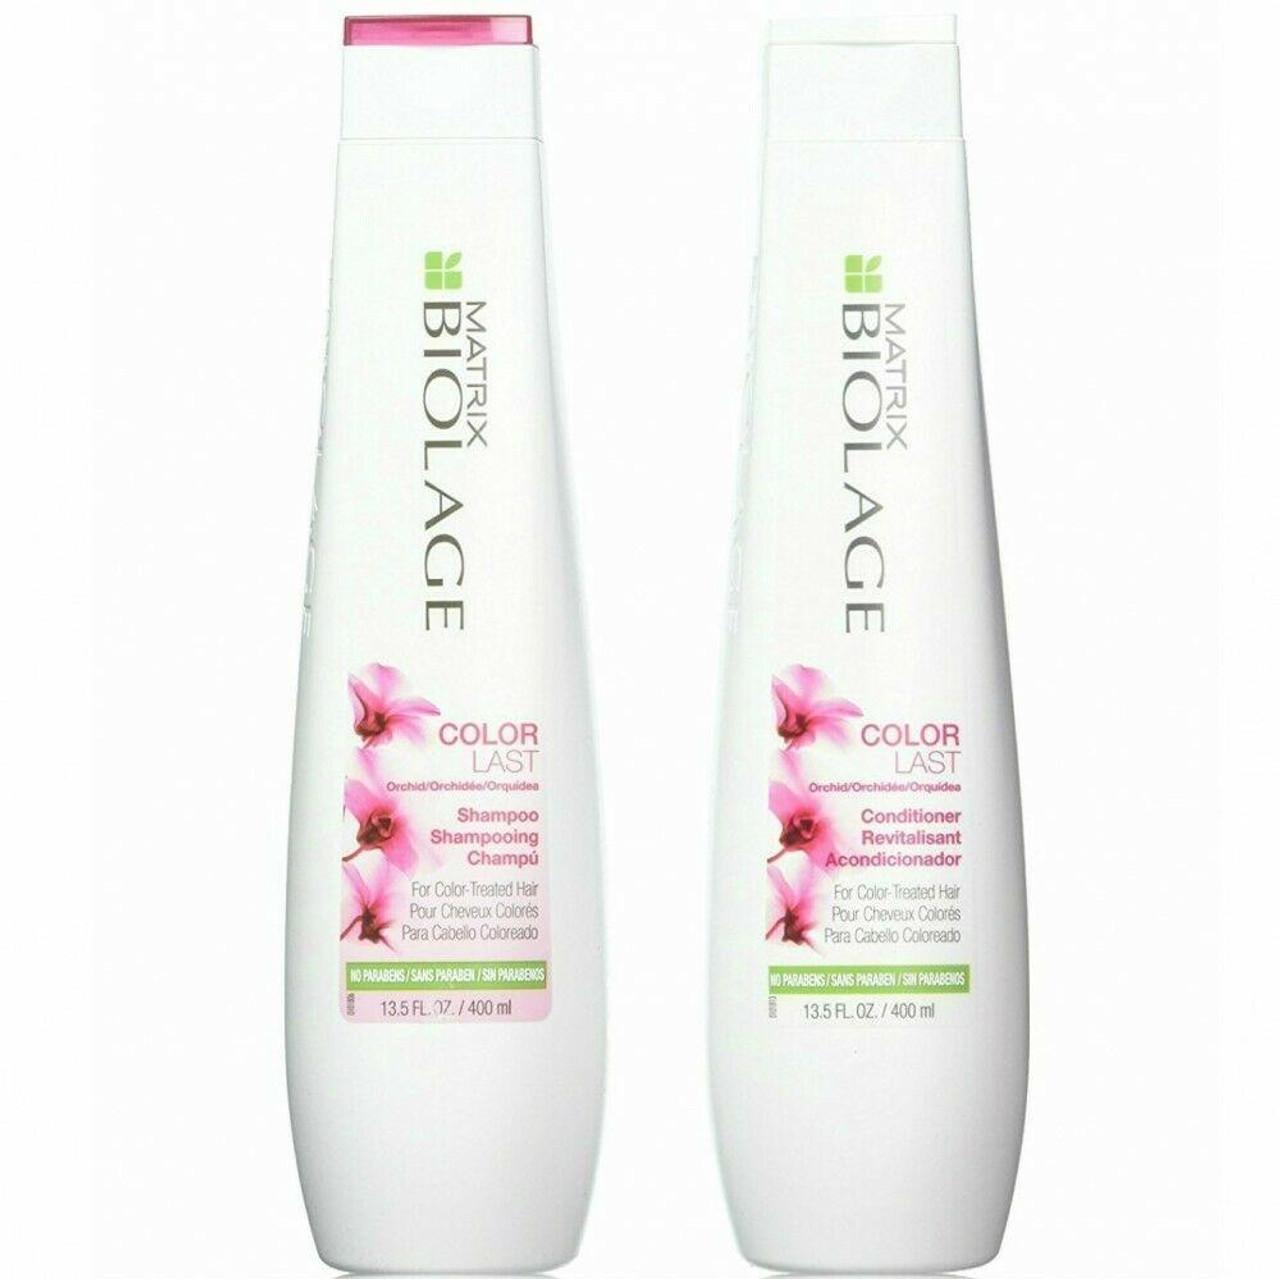 Biolage Color Last Orchid Shampoo Conditioner Duo 13.5 oz